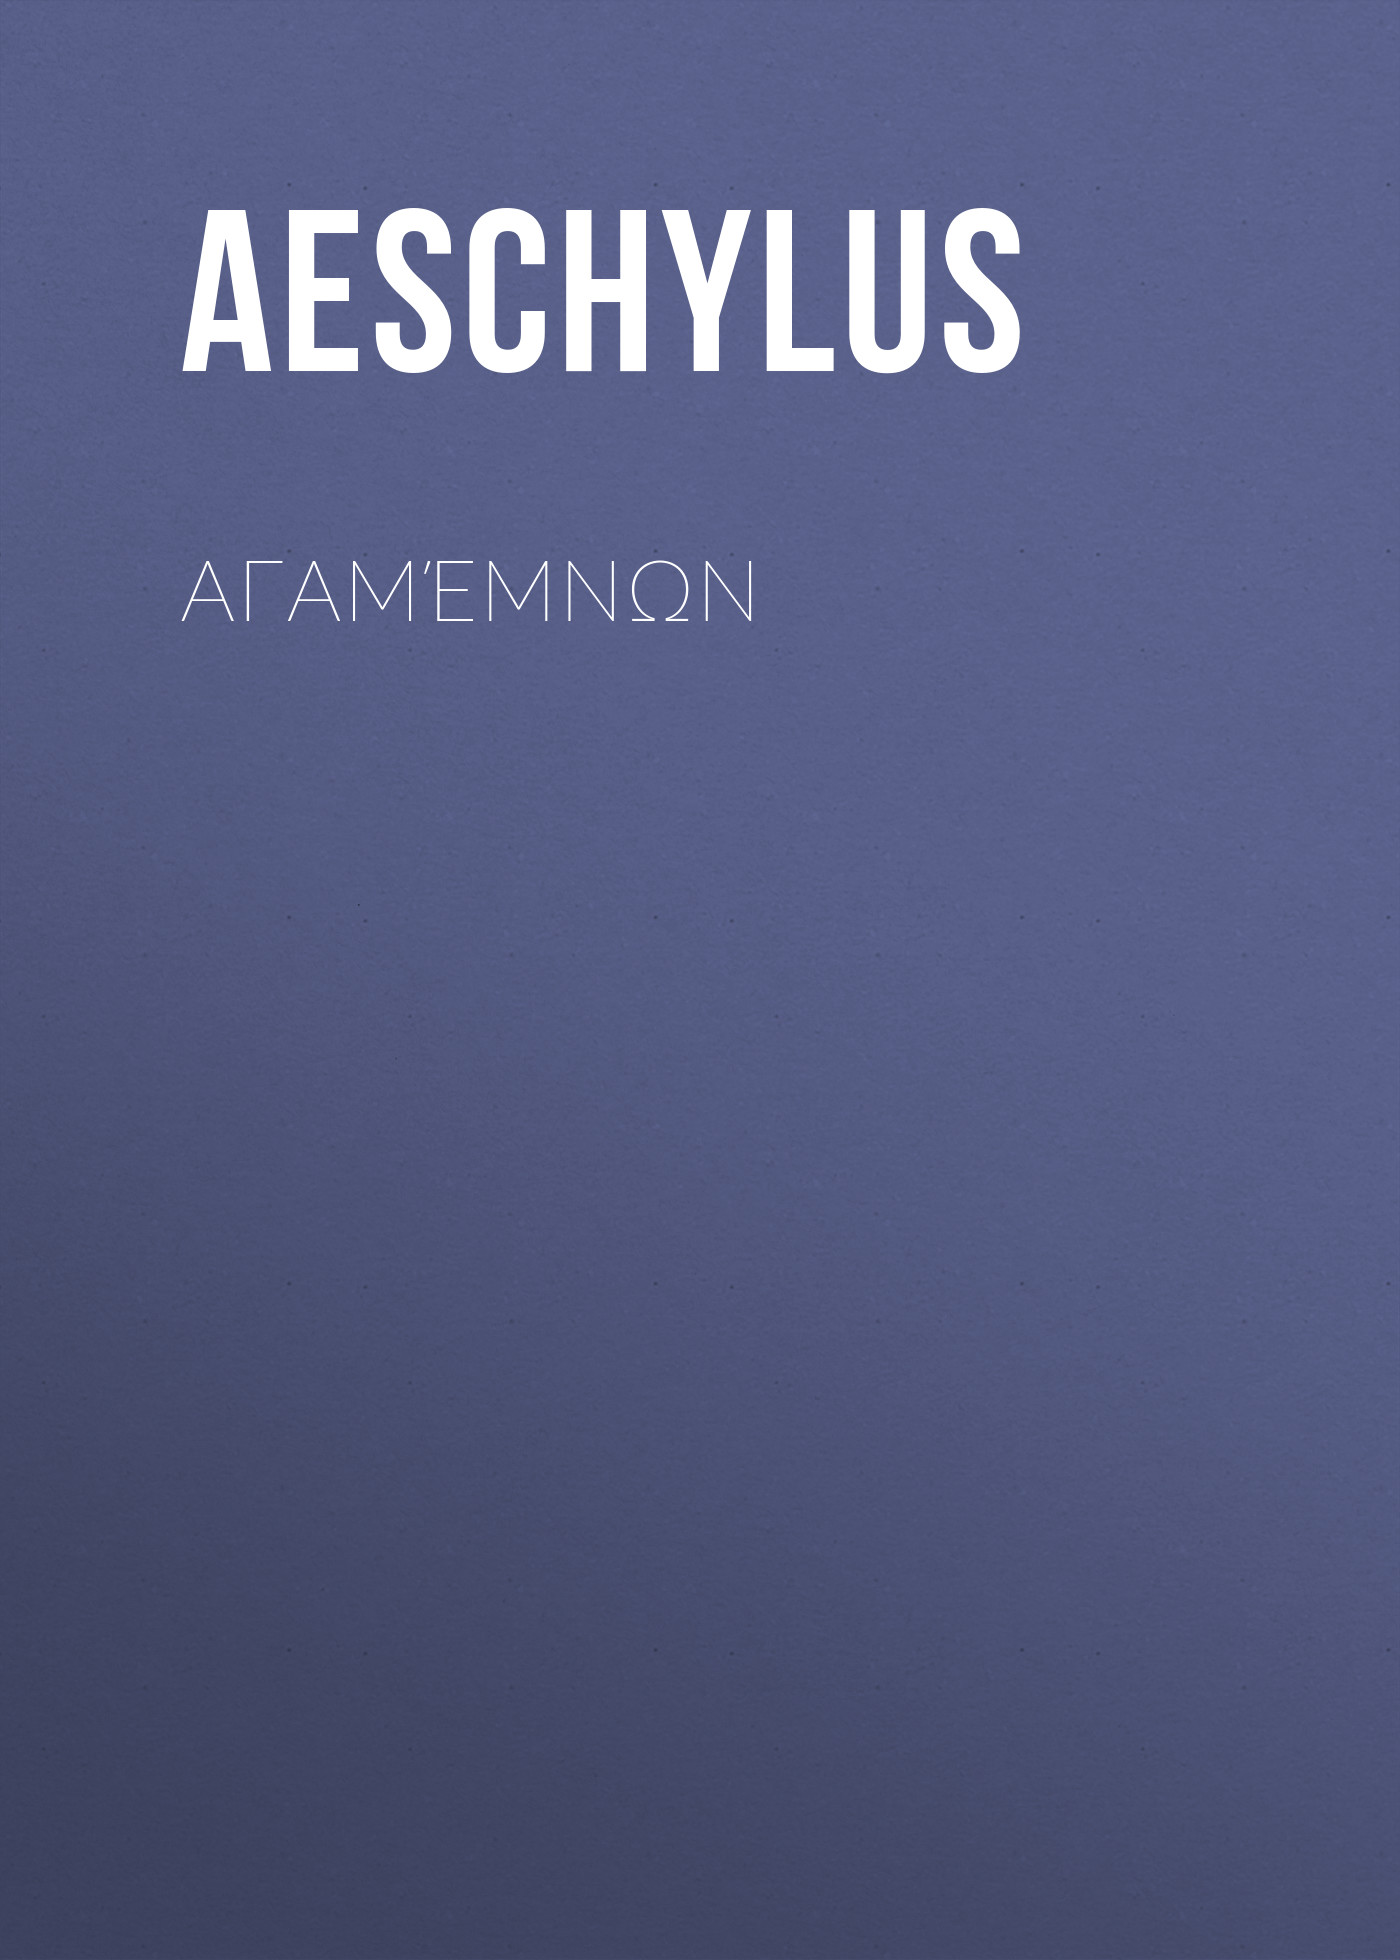 Aeschylus Αγαμέμνων johannes minckwitz aeschylus aeschyli tragoediae quae supersunt deperditarum fabularum fragmenta et scholia graeca promentheus vinctus latin edition